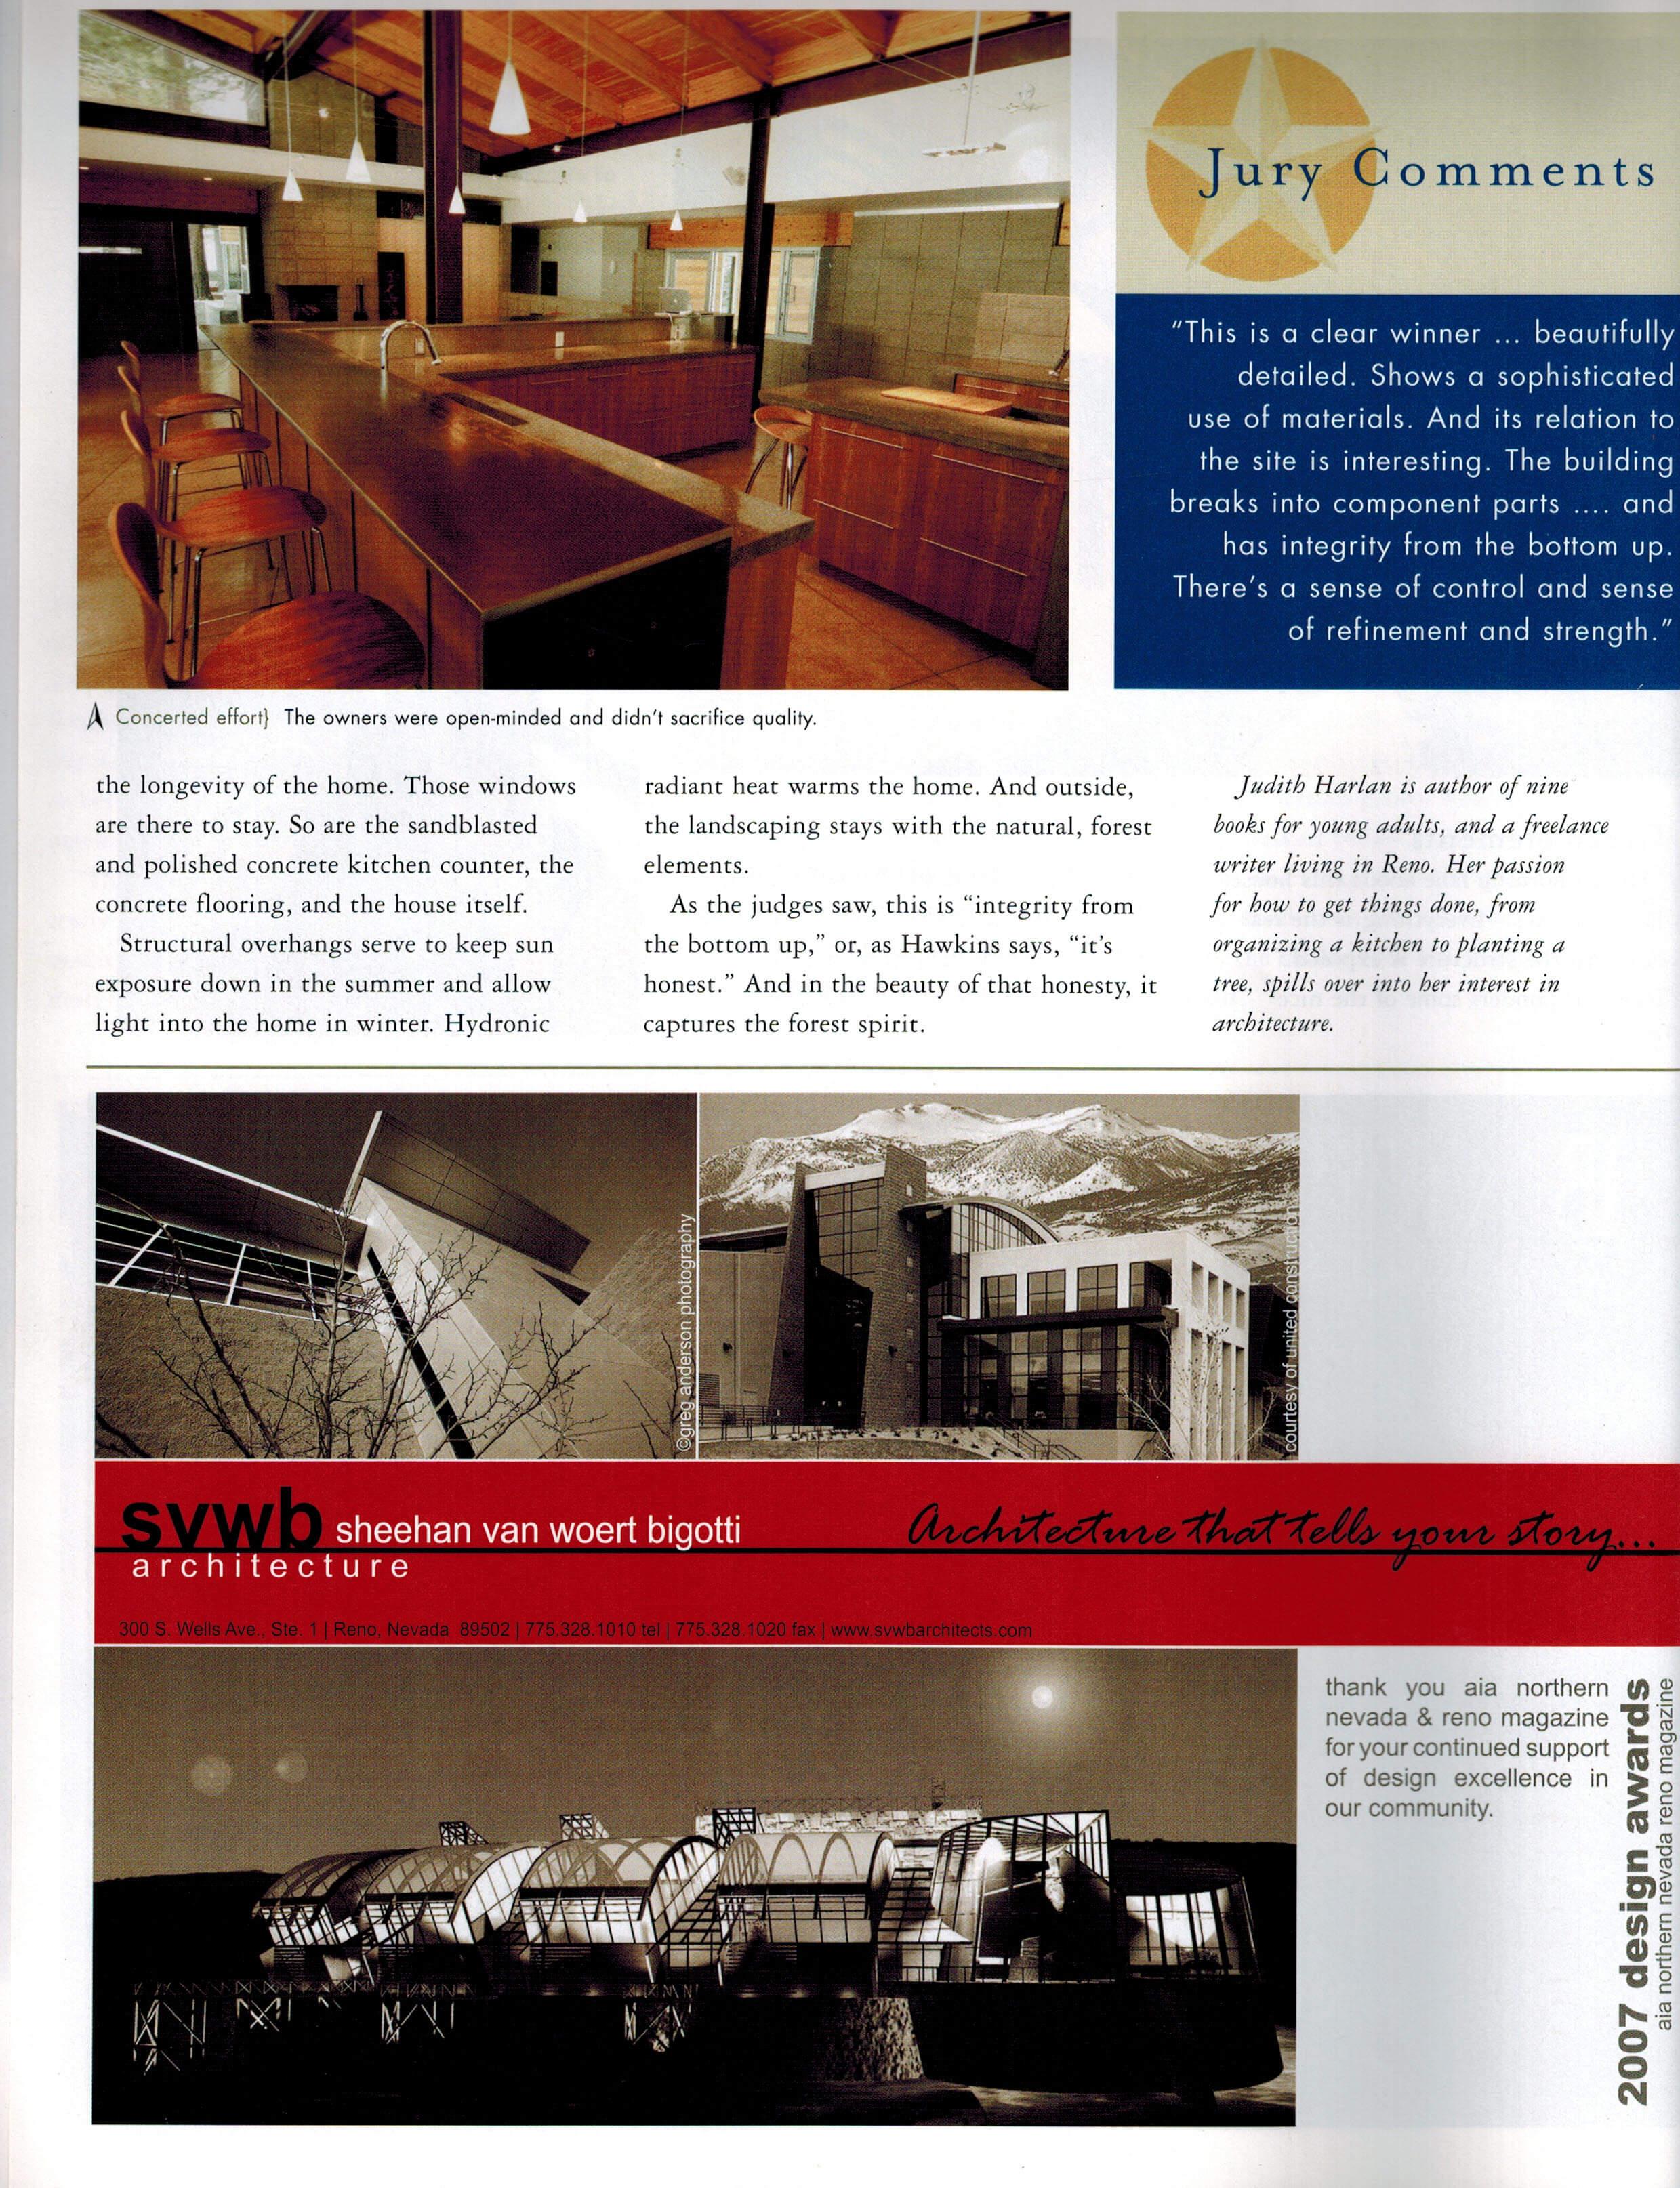 Reno Magazine Architecture Design Awards 2007_Page_6